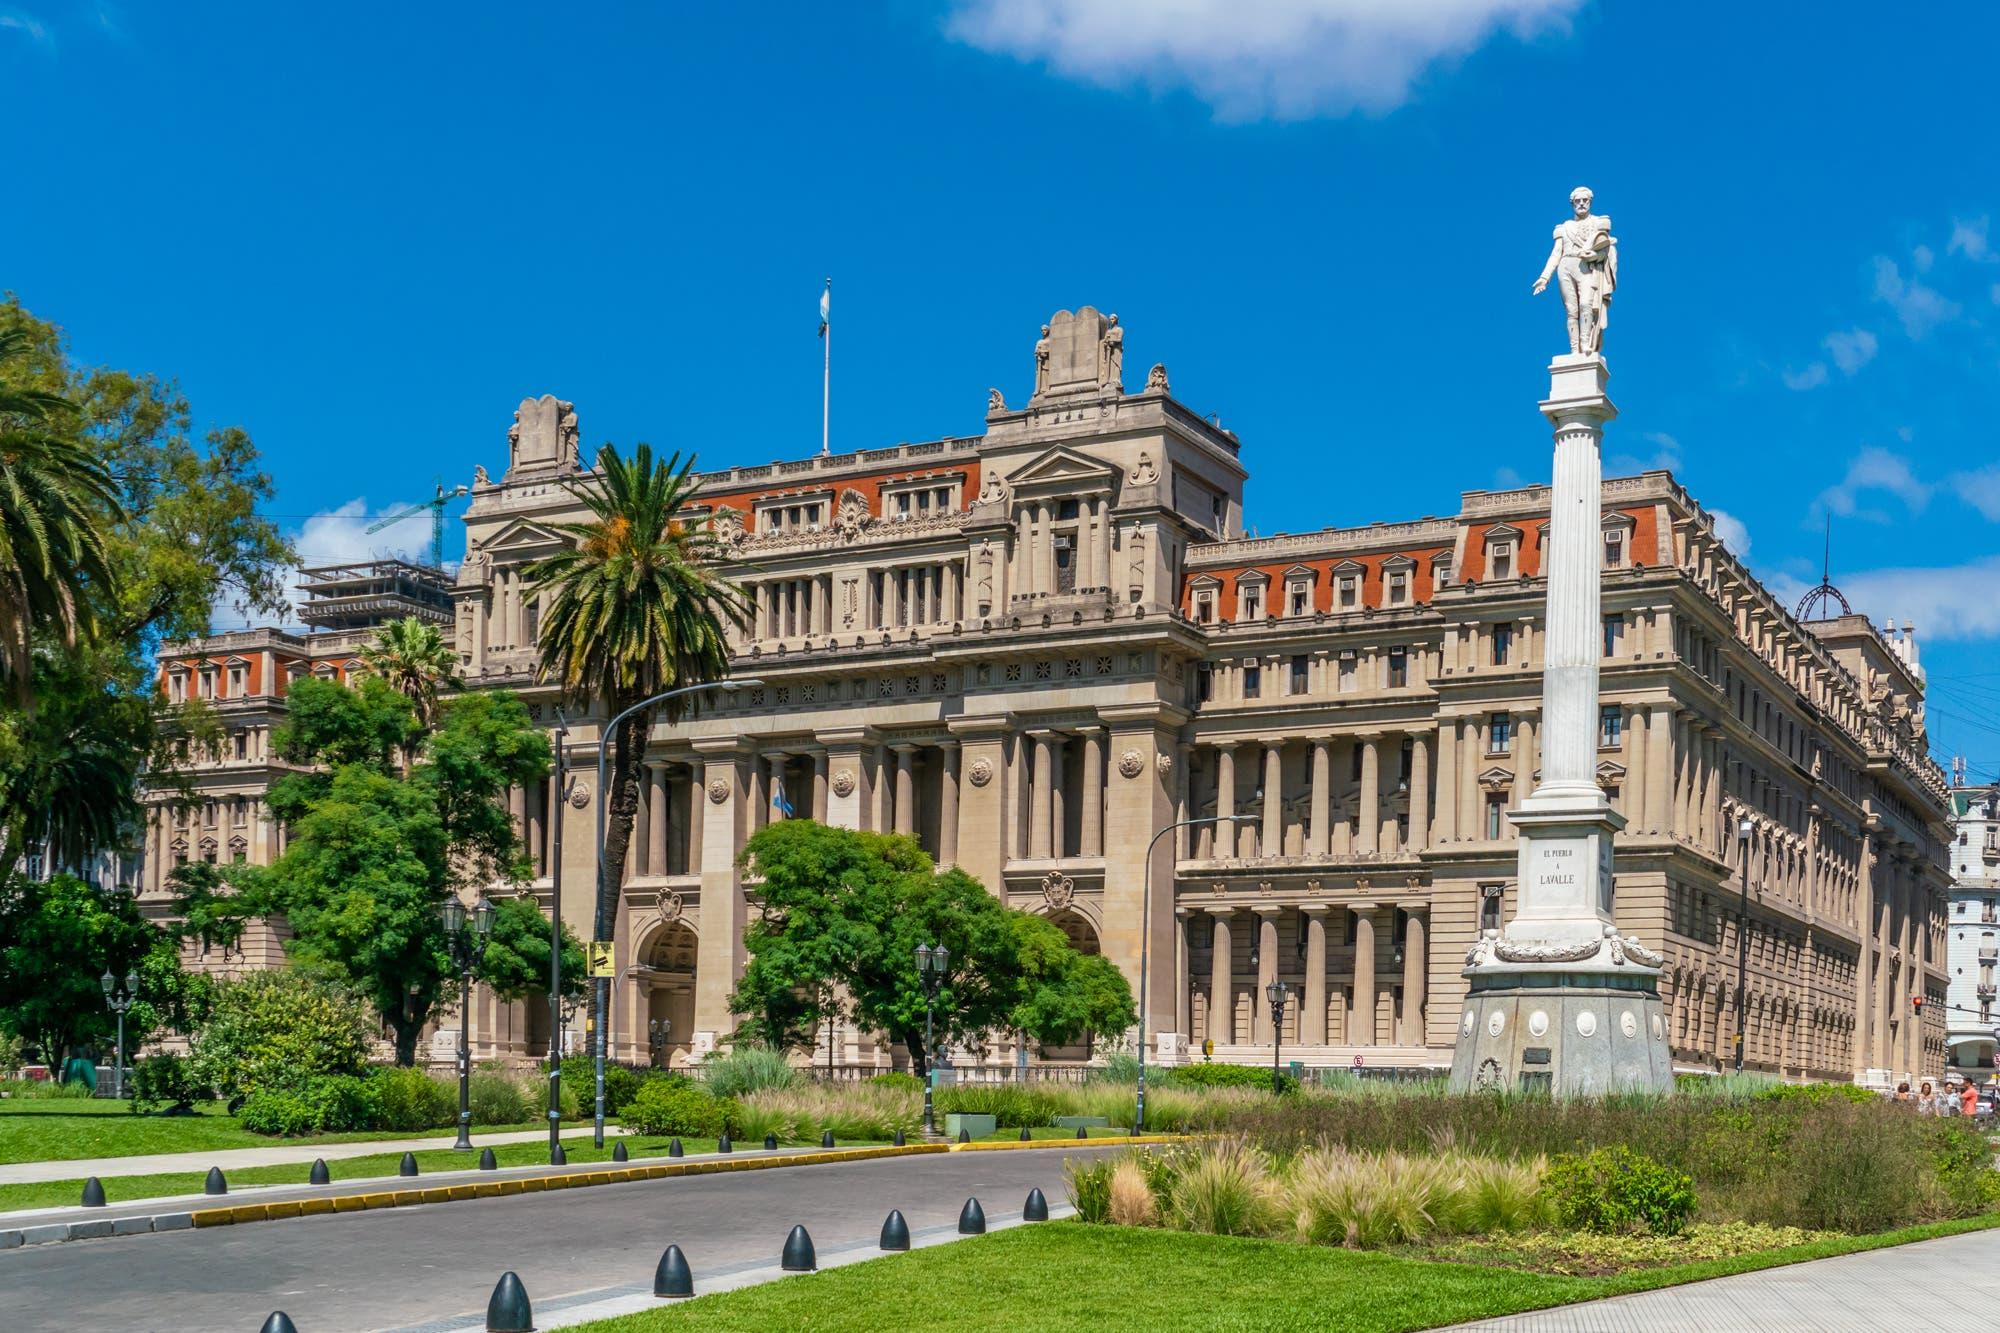 Qué significa Per saltum y cuáles son los antecedentes en la Argentina